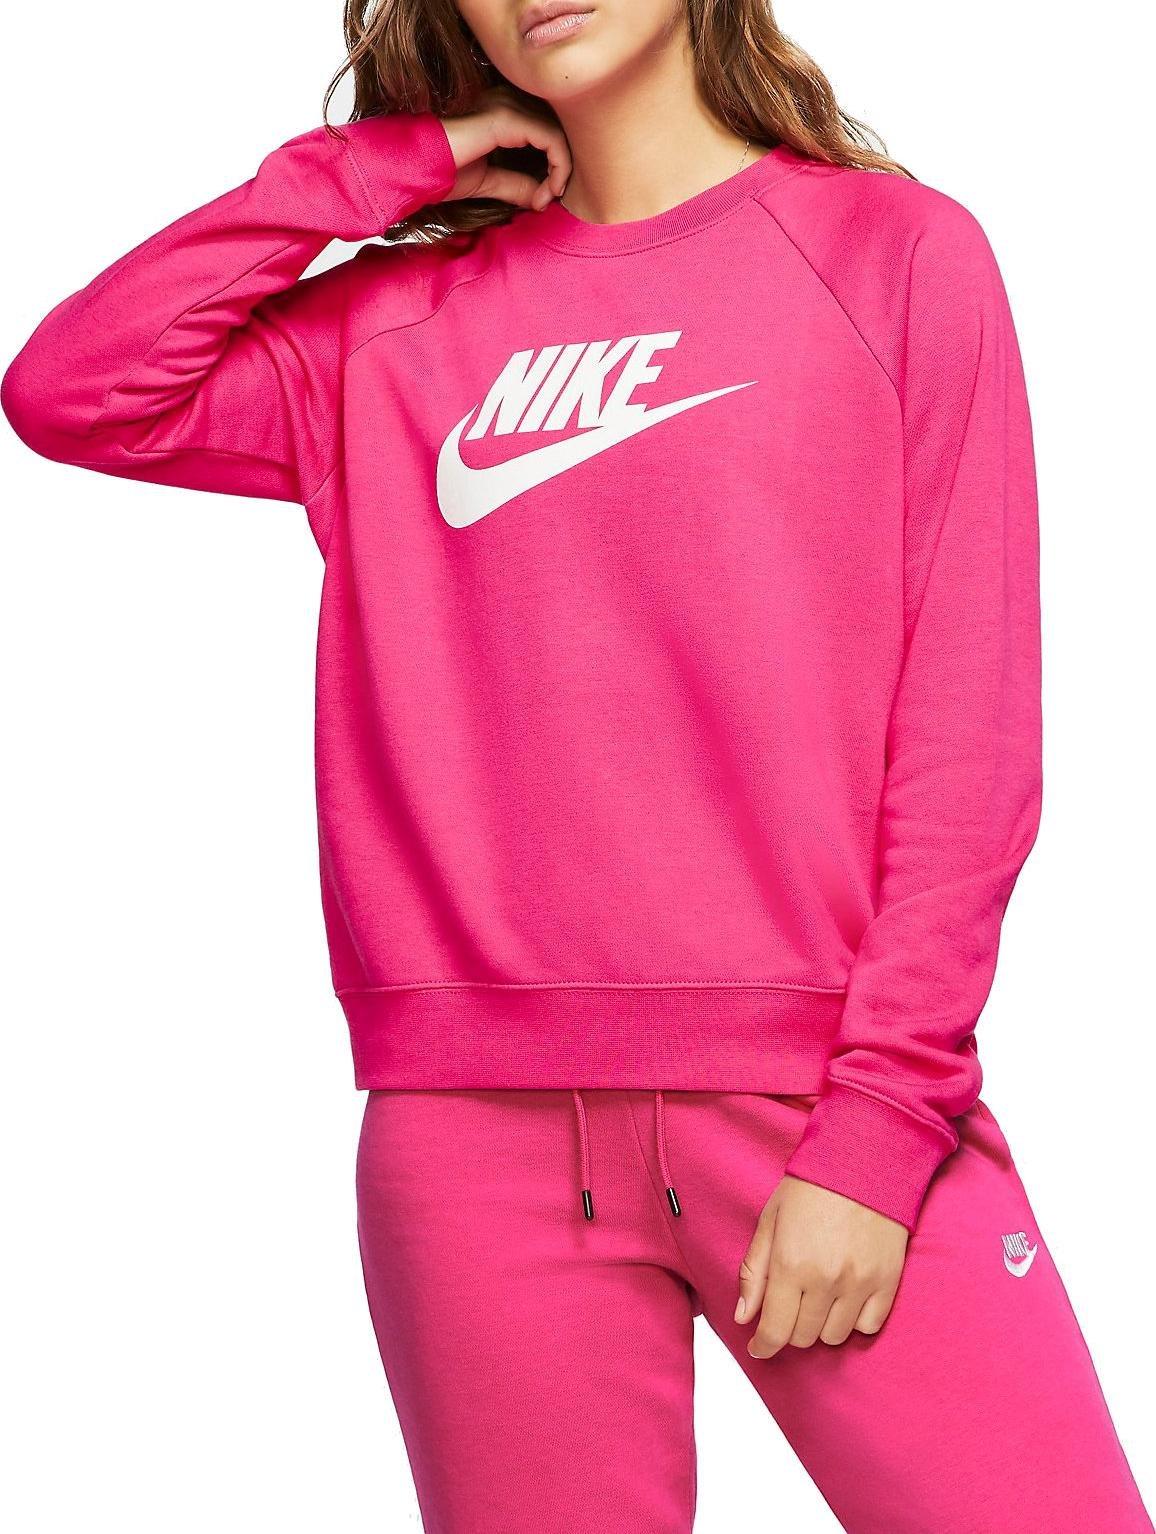 Nike Damen Sweatshirt W NSW Essntl Crew FLC in 2020 | Nike